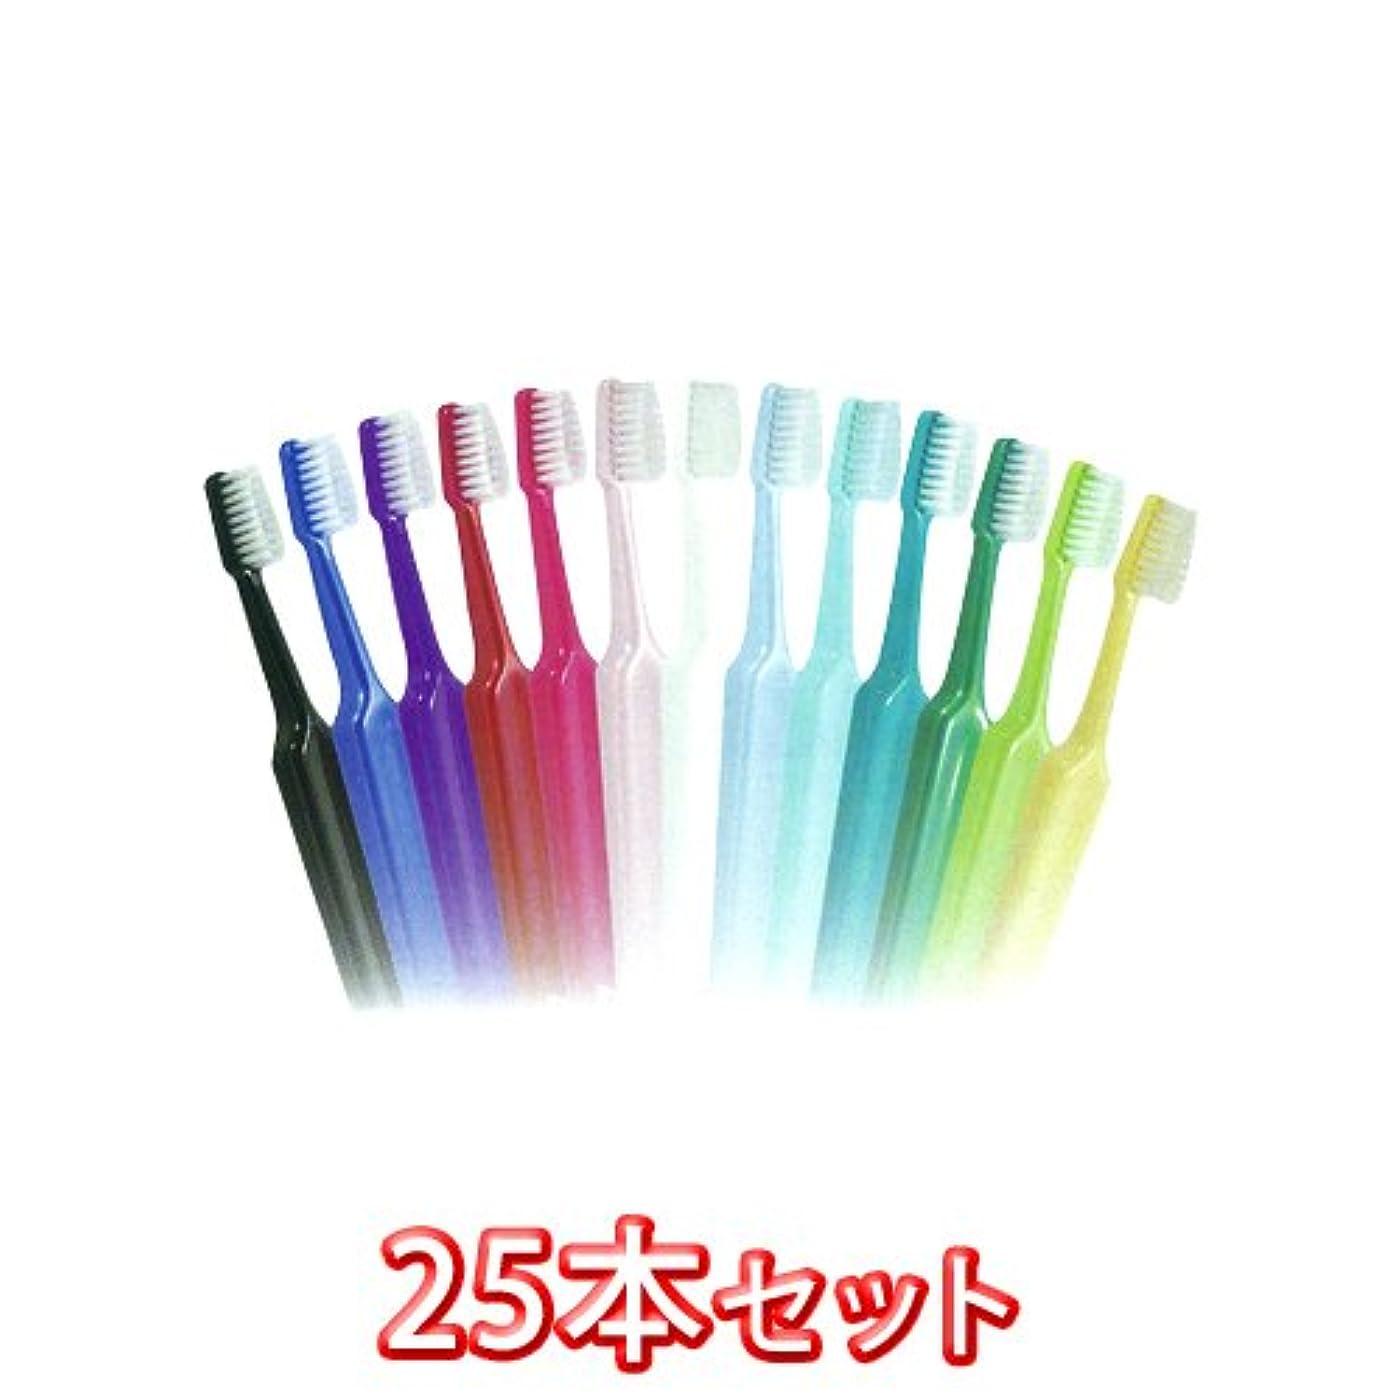 レシピつかの間敬TePeテペセレクトコンパクト歯ブラシ 25本(コンパクトソフト)